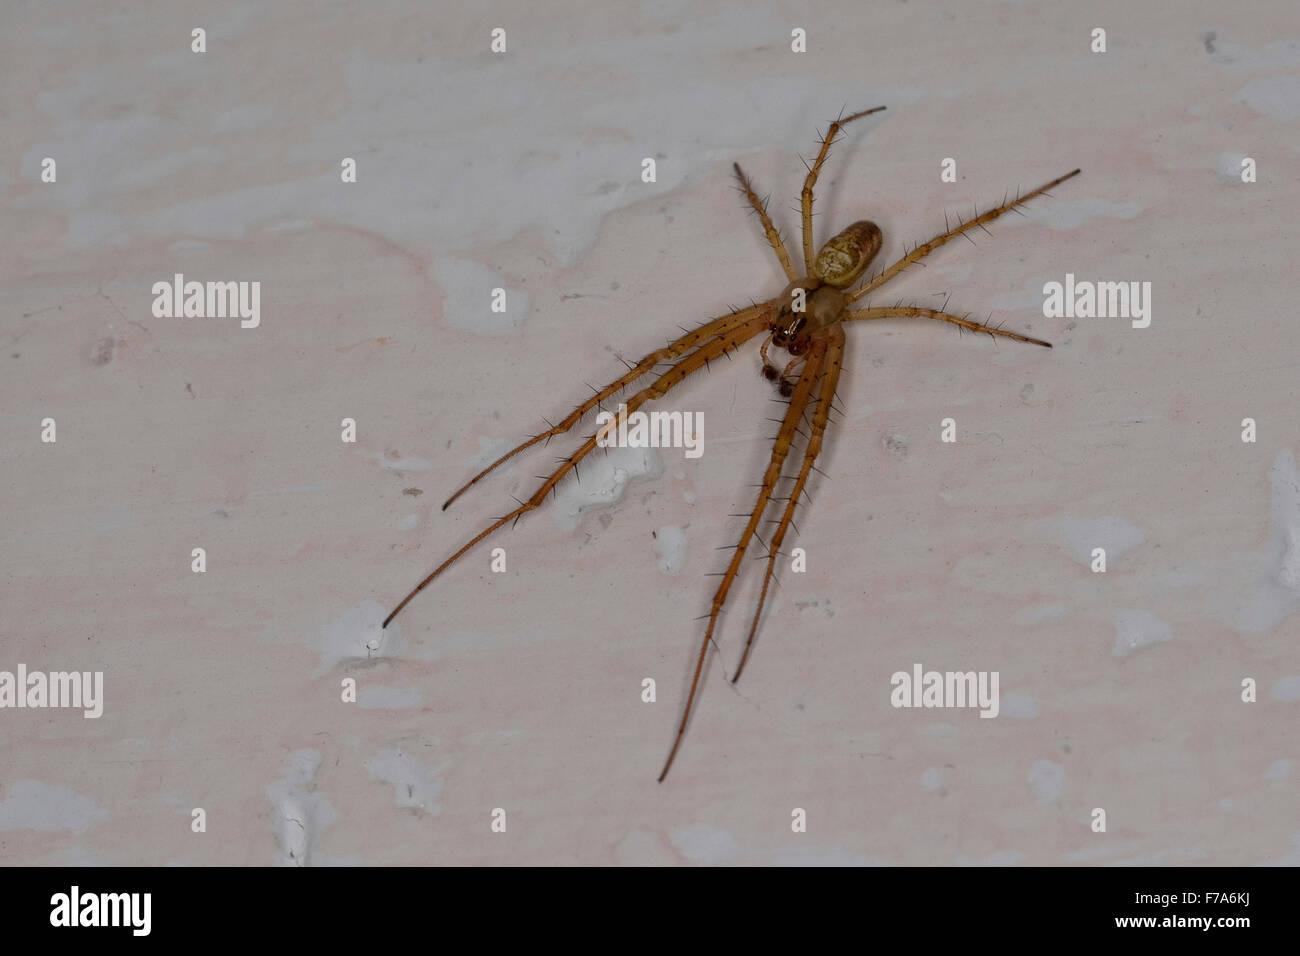 Autumn spider, Autumn-spider, Lesser Garden Spider, Herbstspinne, Männchen, Herbst-Spinne, Metellina segmentata, - Stock Image